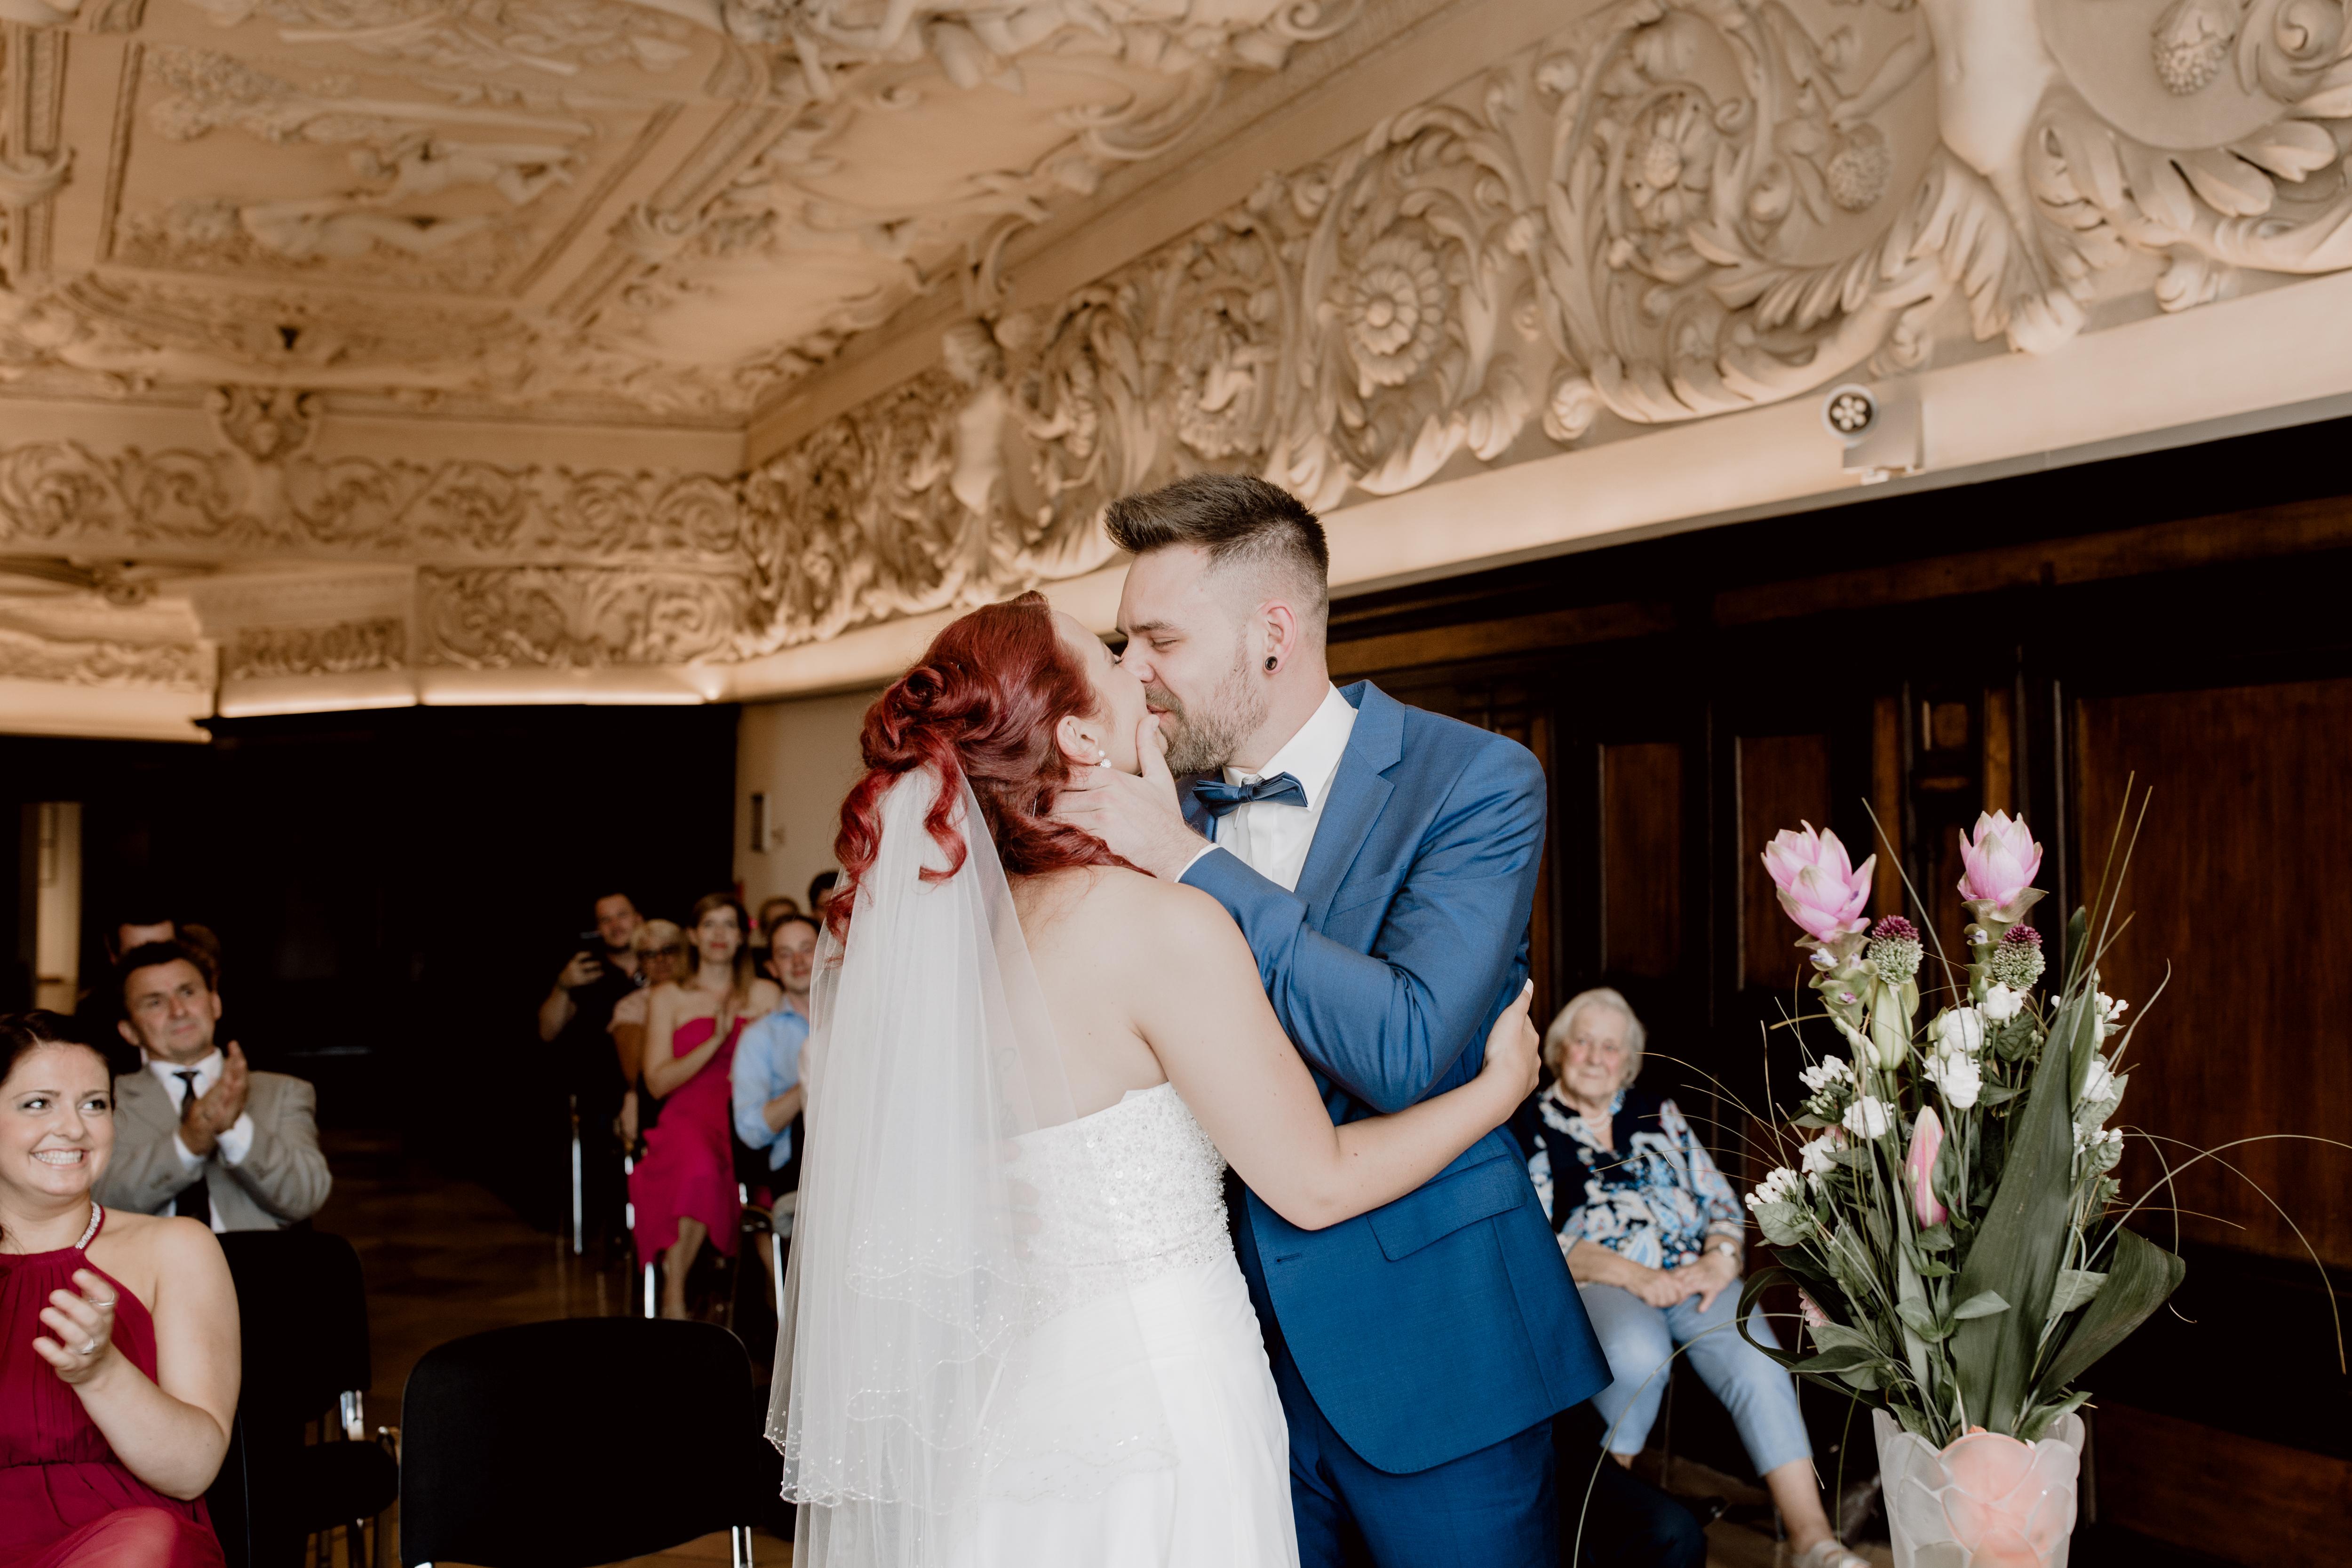 URBANERIE_Hochzeitsfotografin_Nürnberg_Fürth_Erlangen_Schwabach_170630_0175